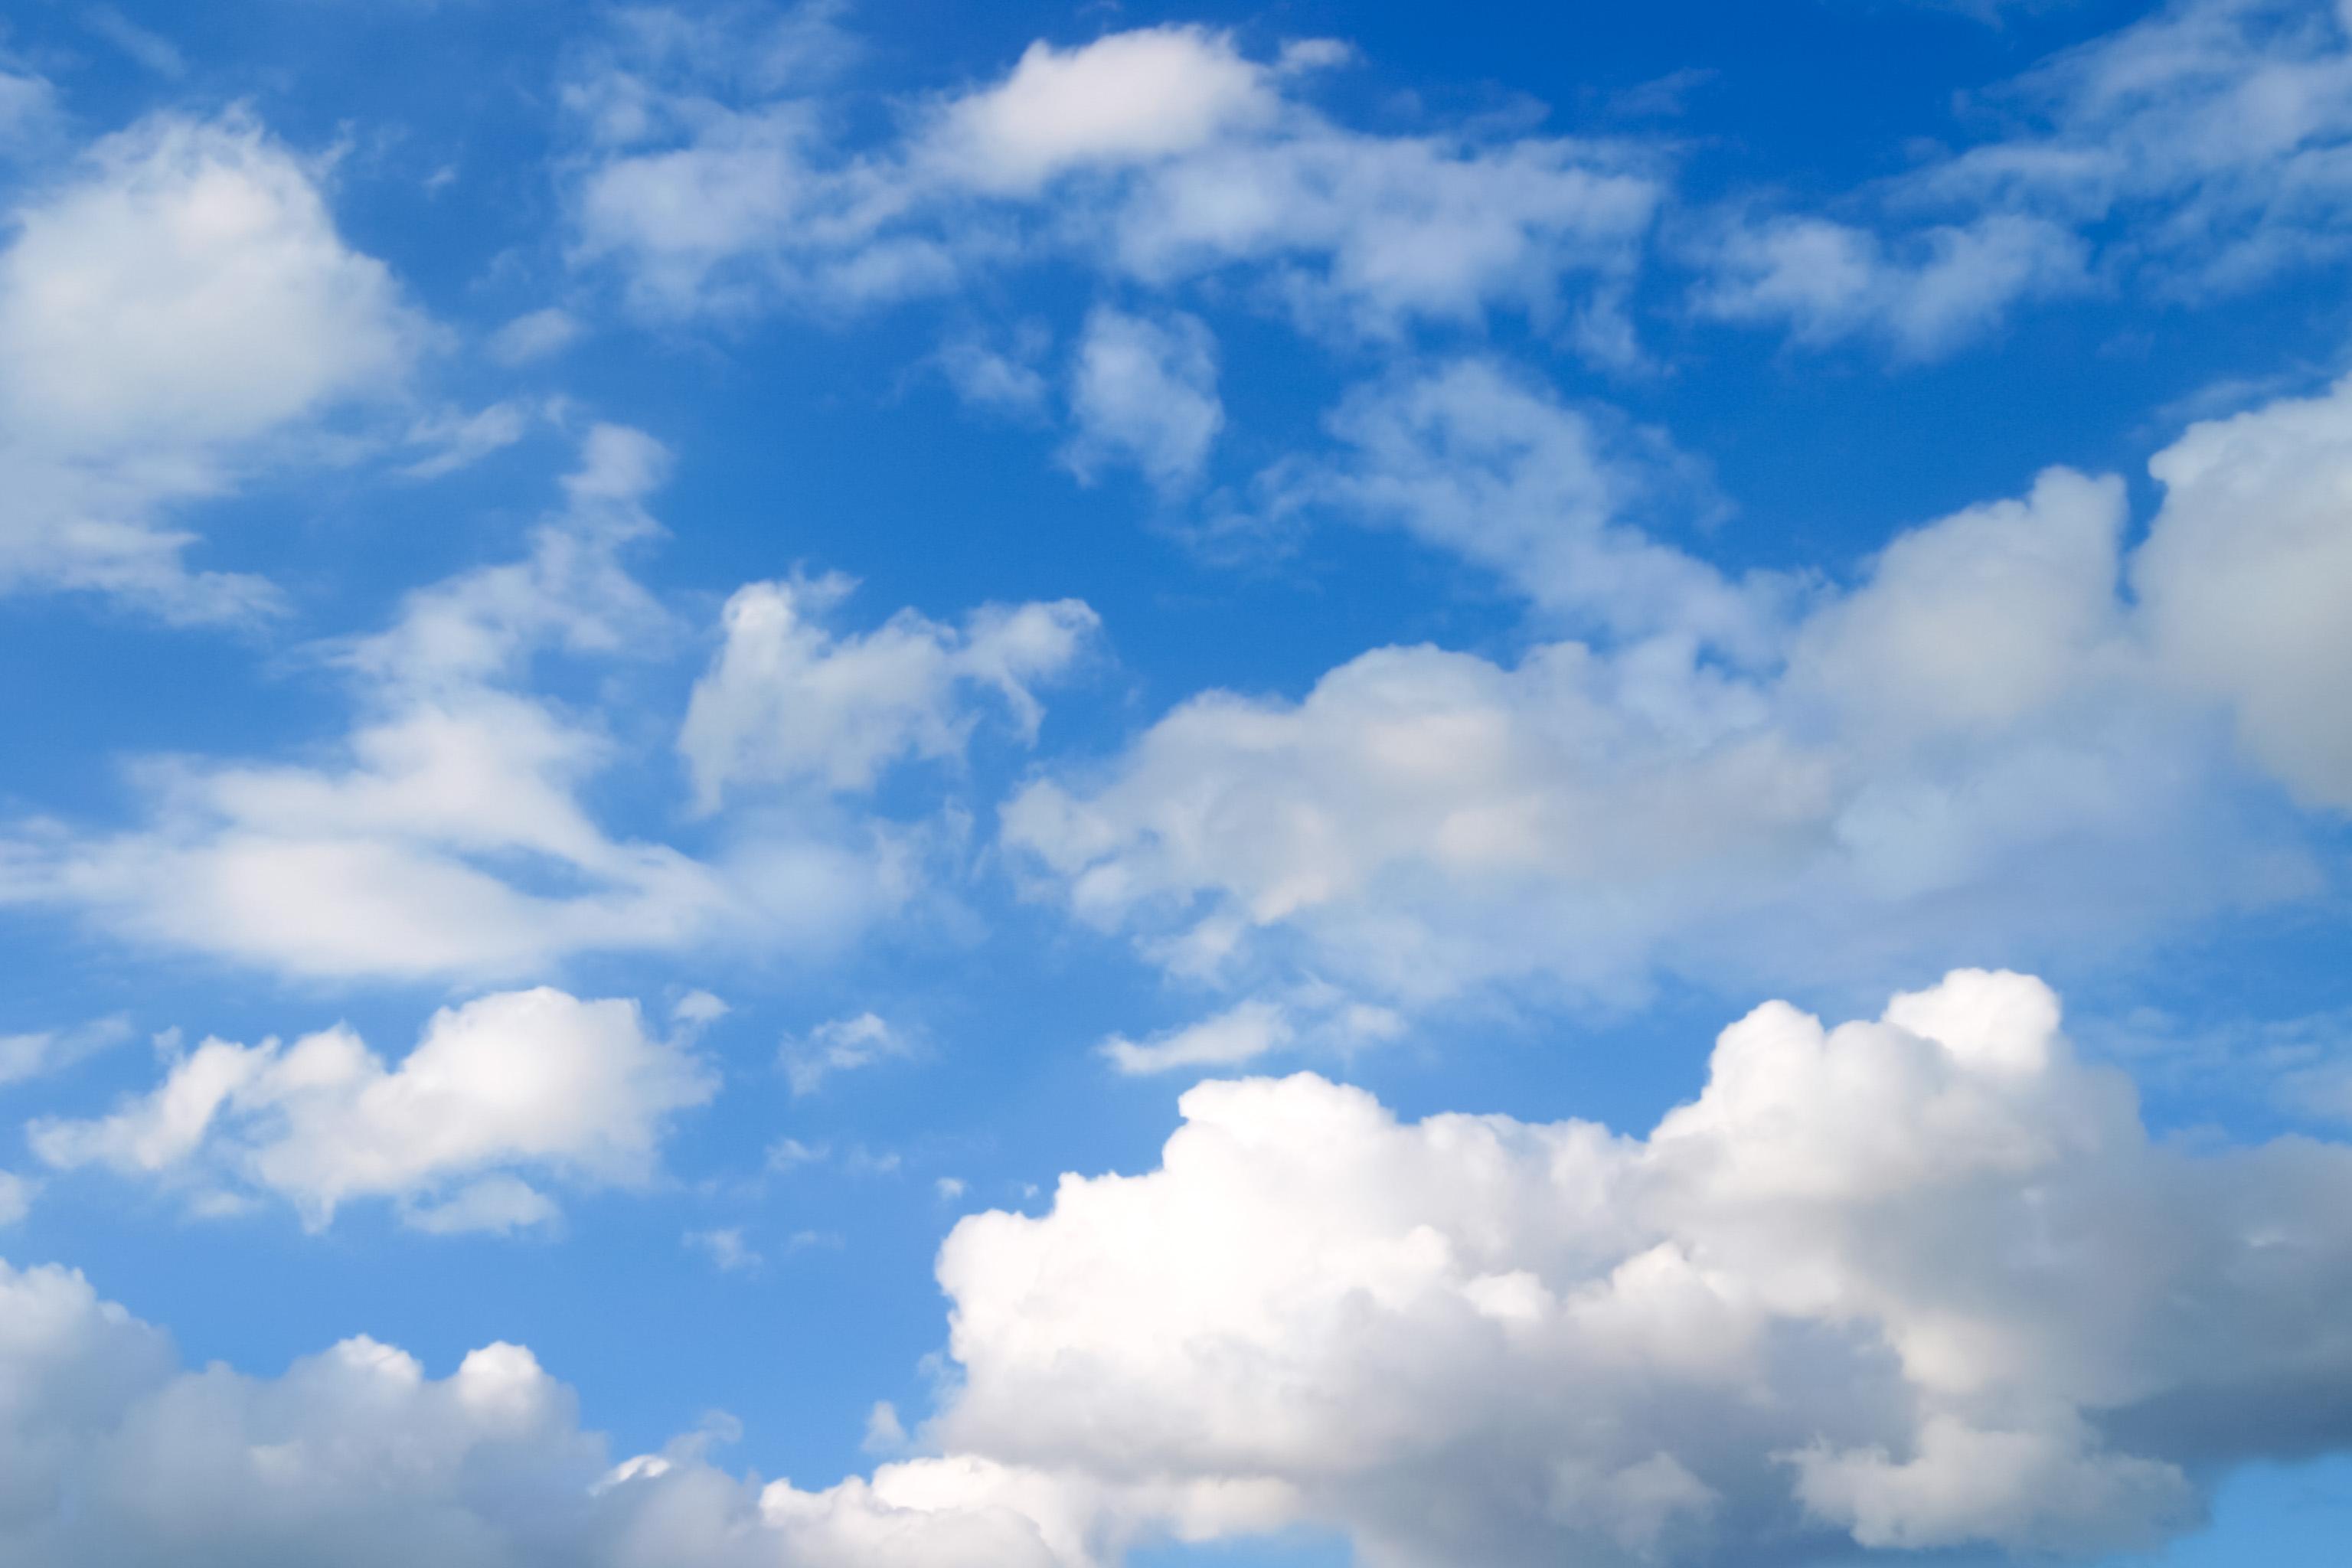 清々しい空 Free Photos L/RGB/JPEG/350dpi